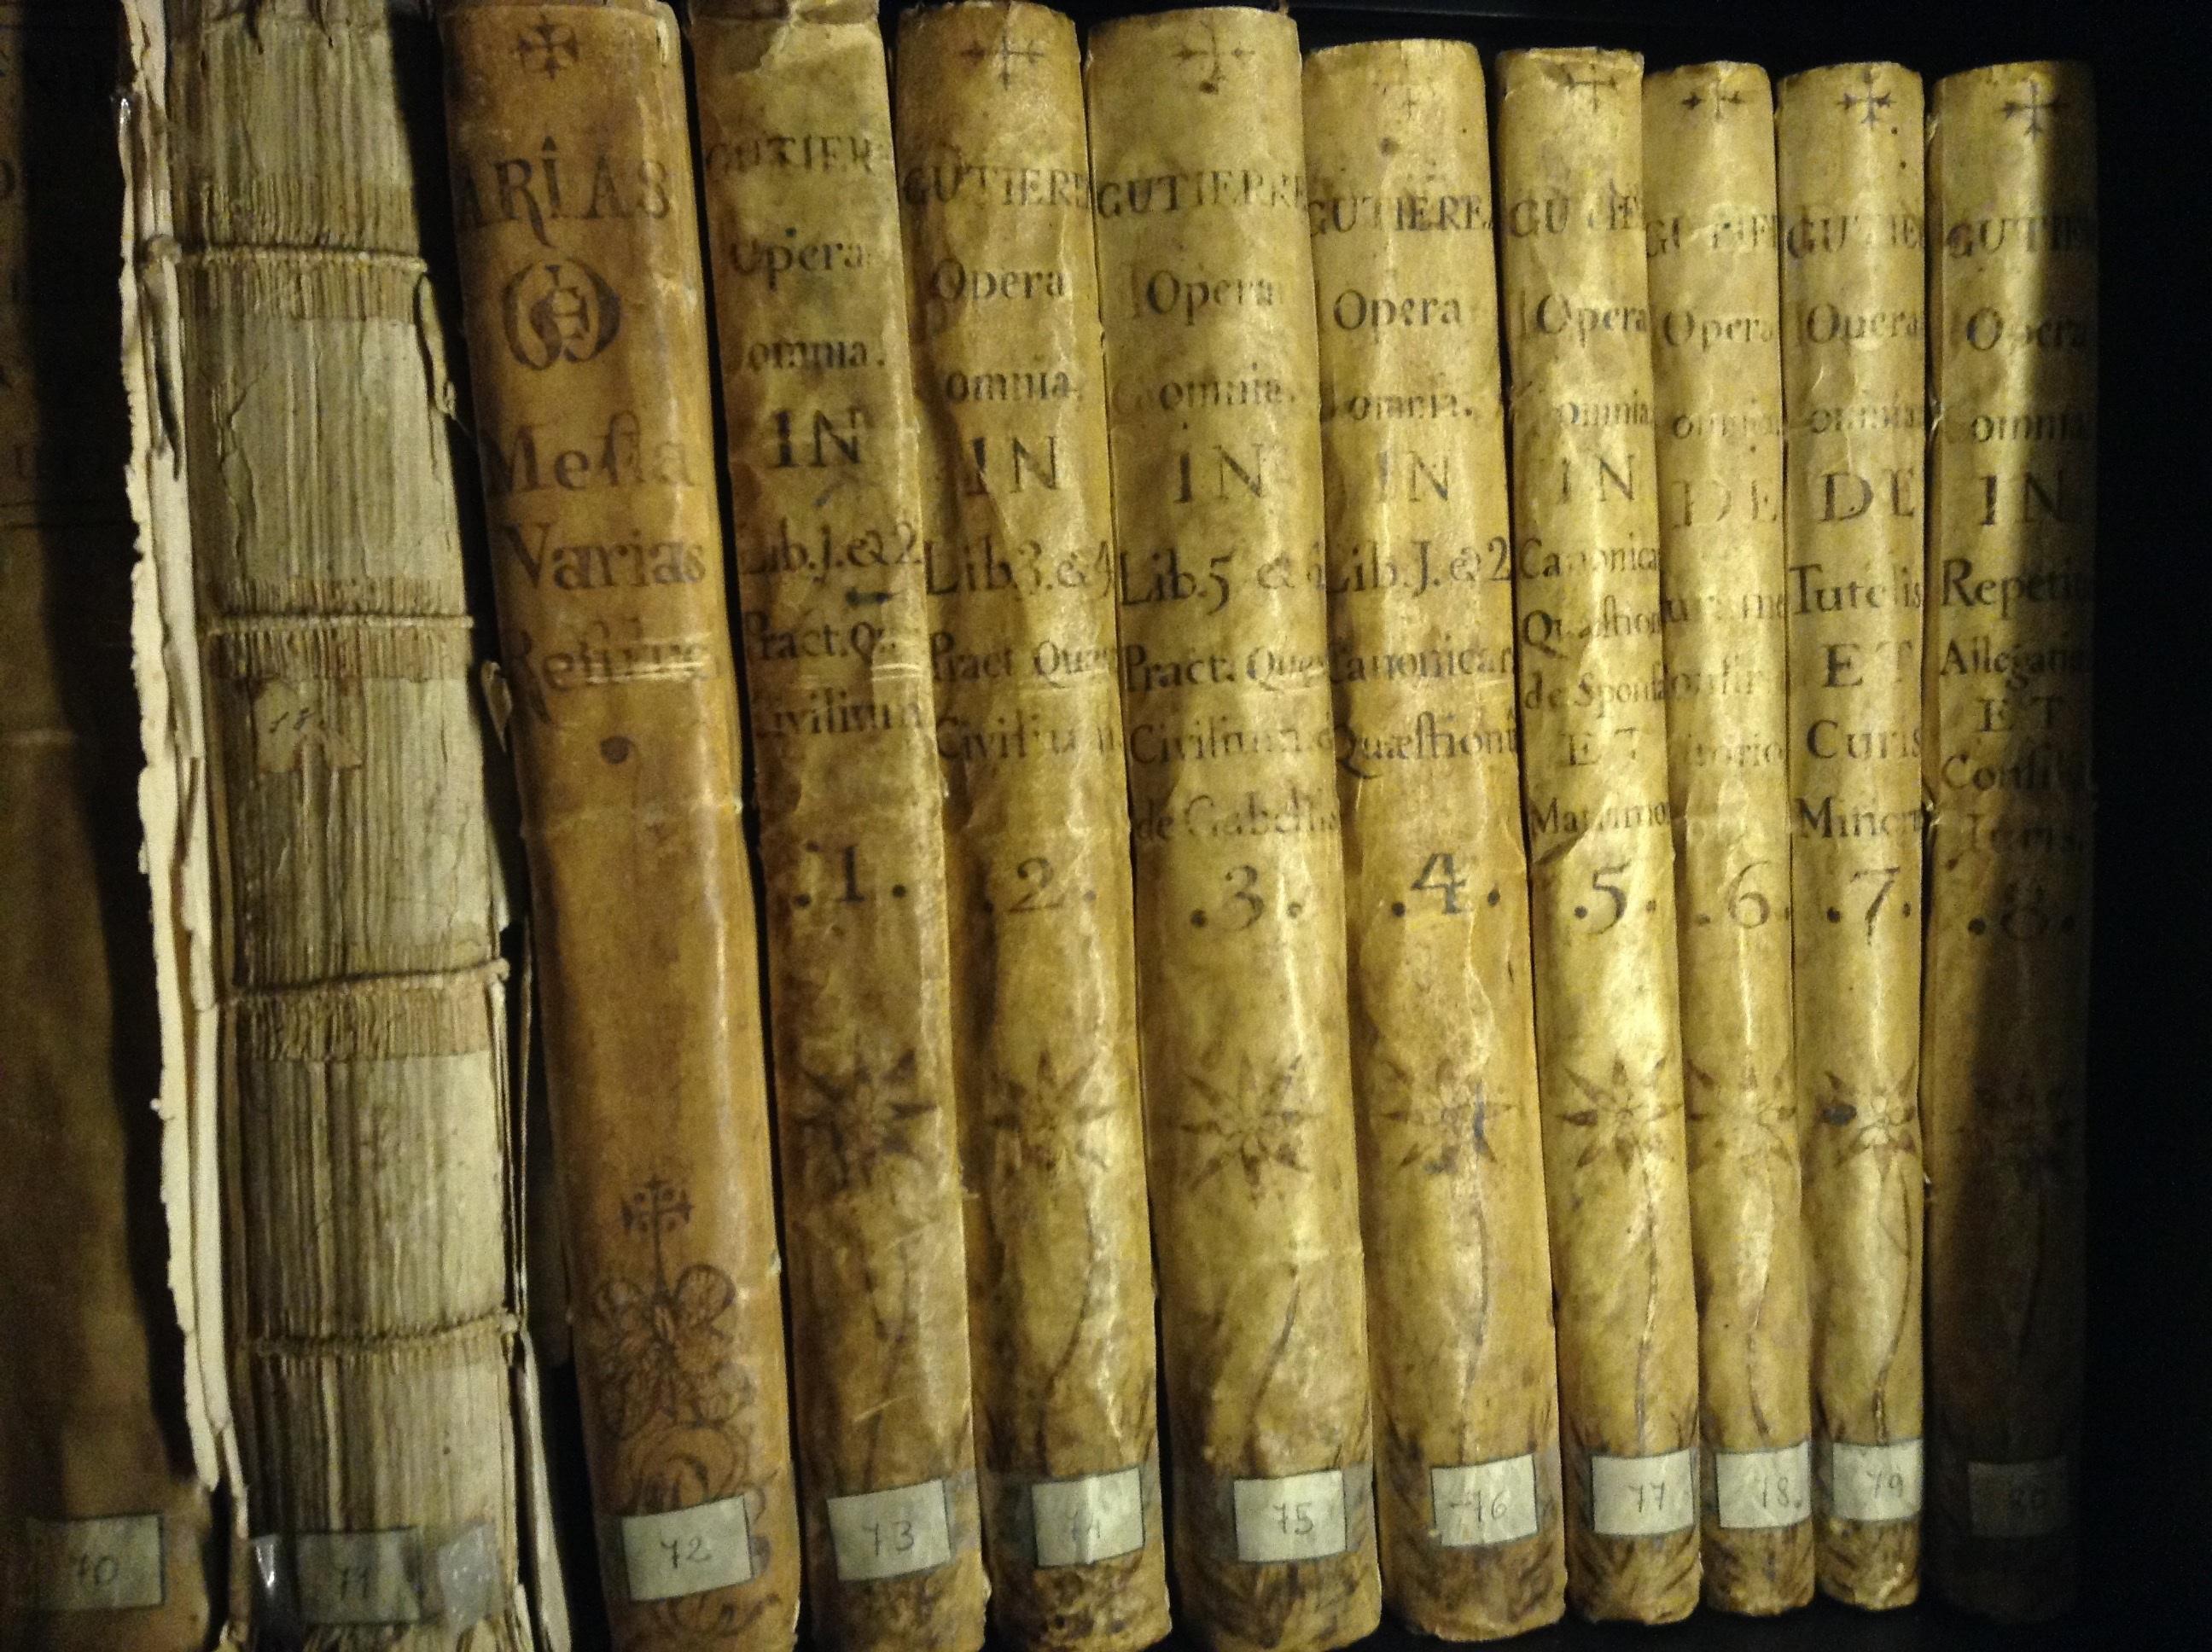 Античные книги и их картинки